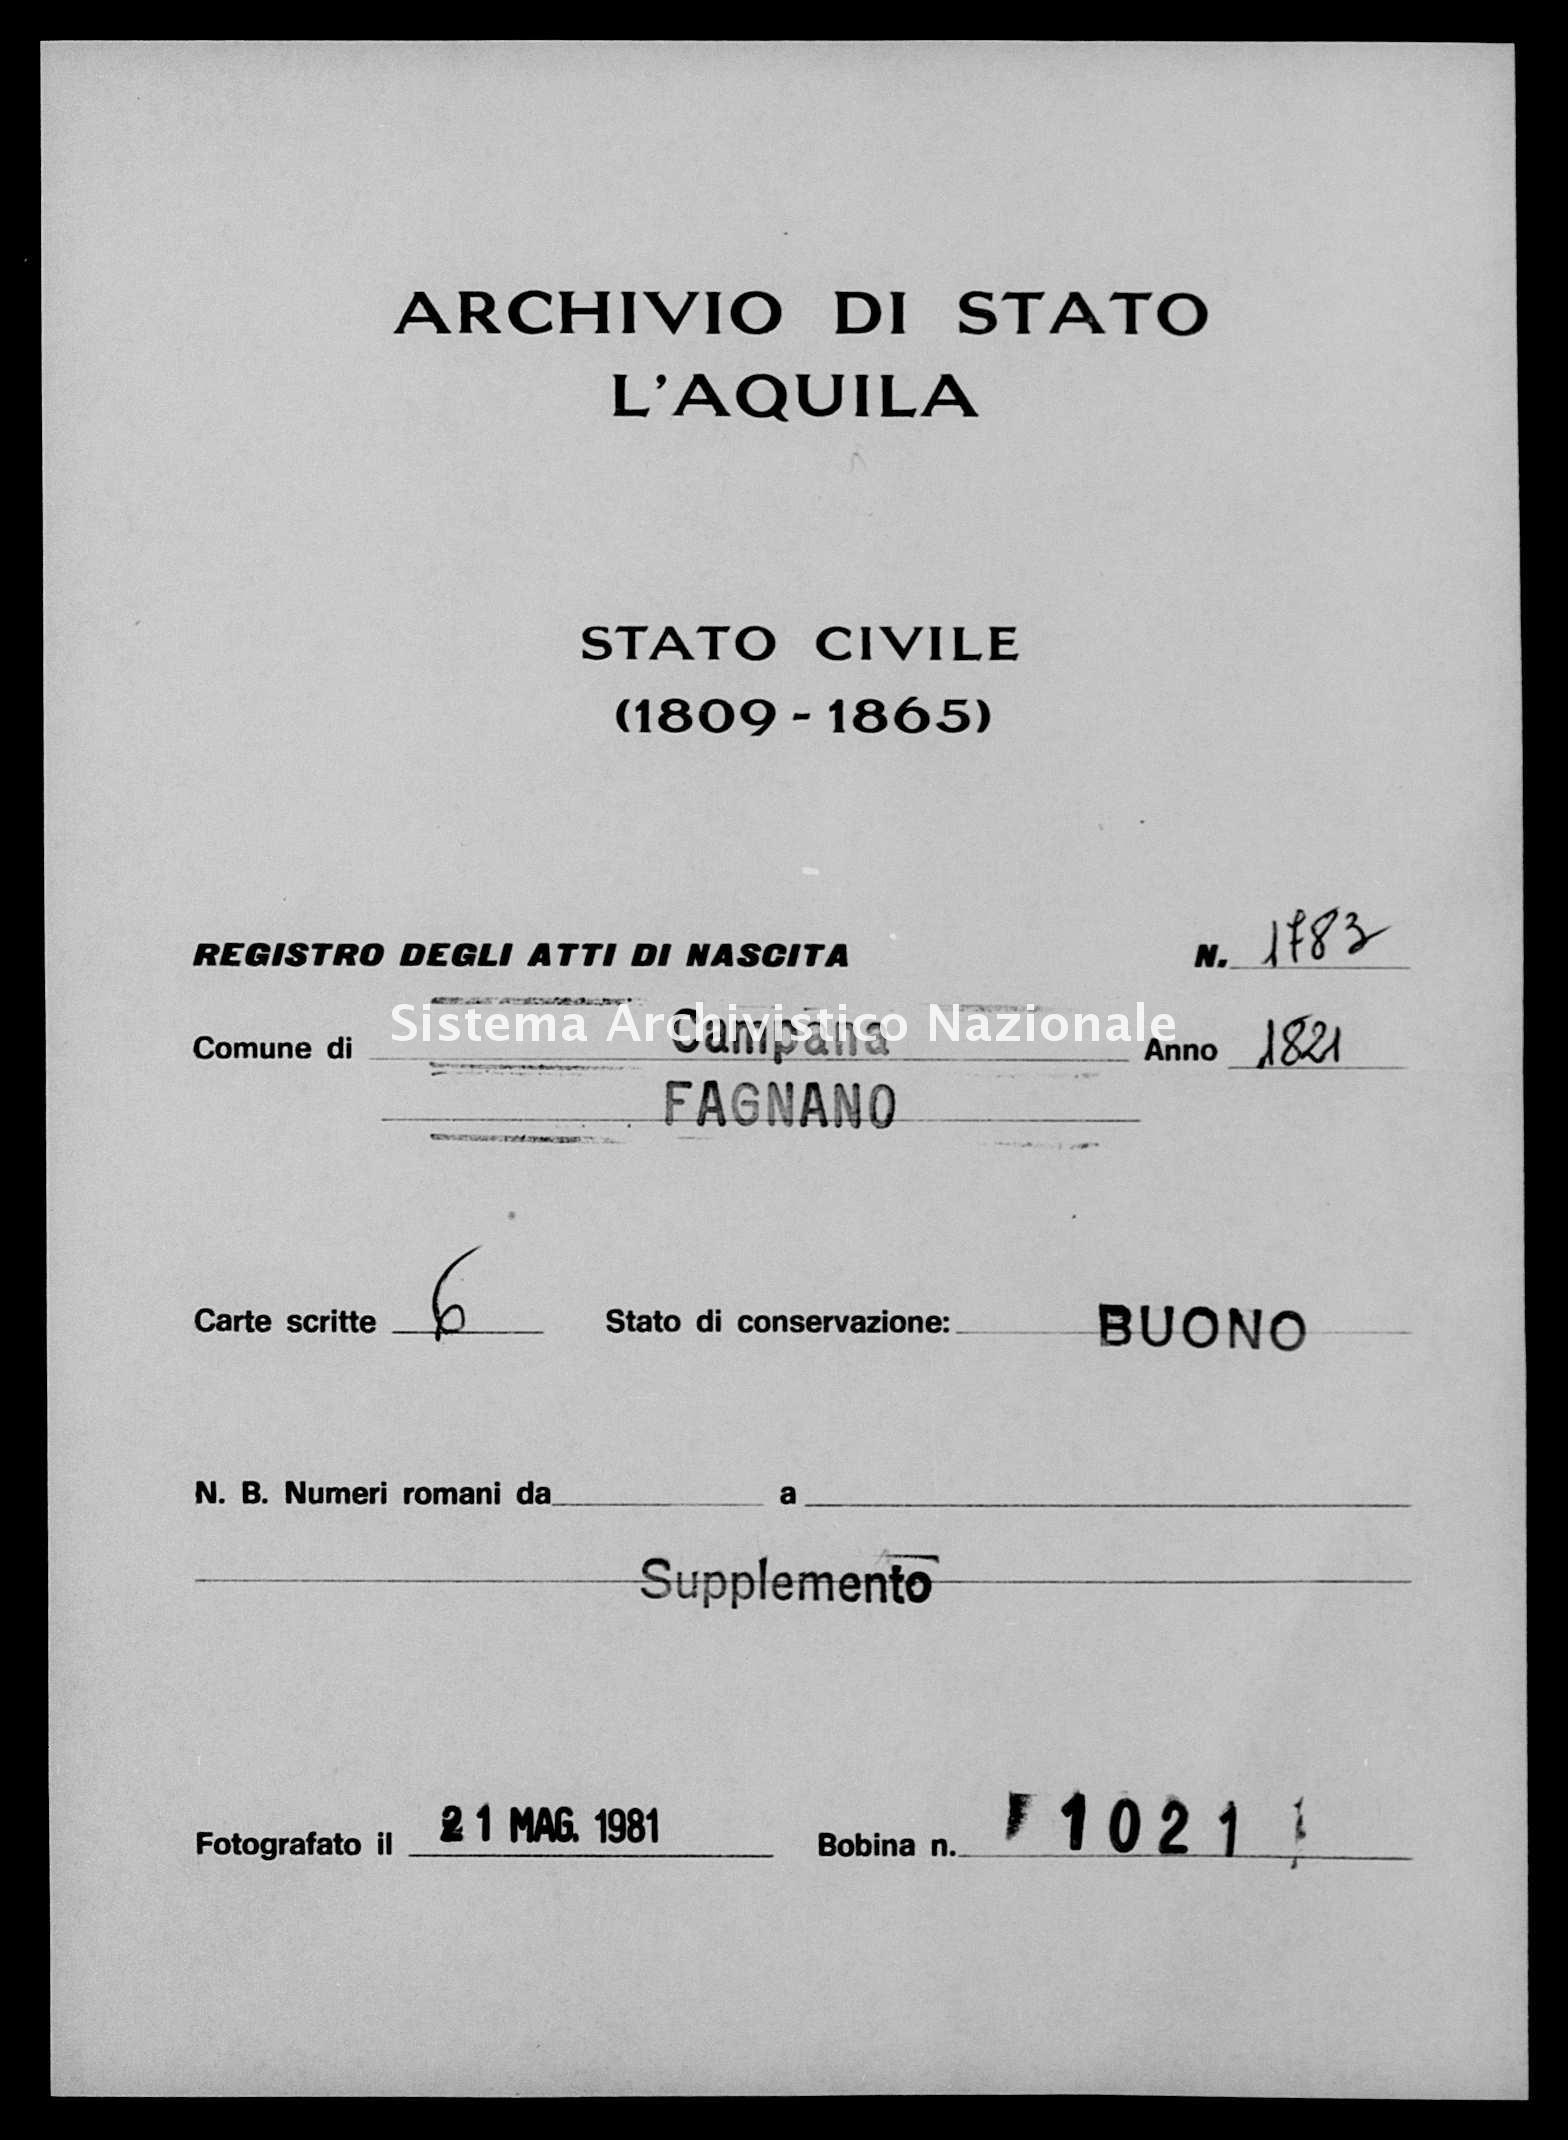 Archivio di stato di L'aquila - Stato civile della restaurazione - Campana - Nati, battesimi - 1821 - 1783 -